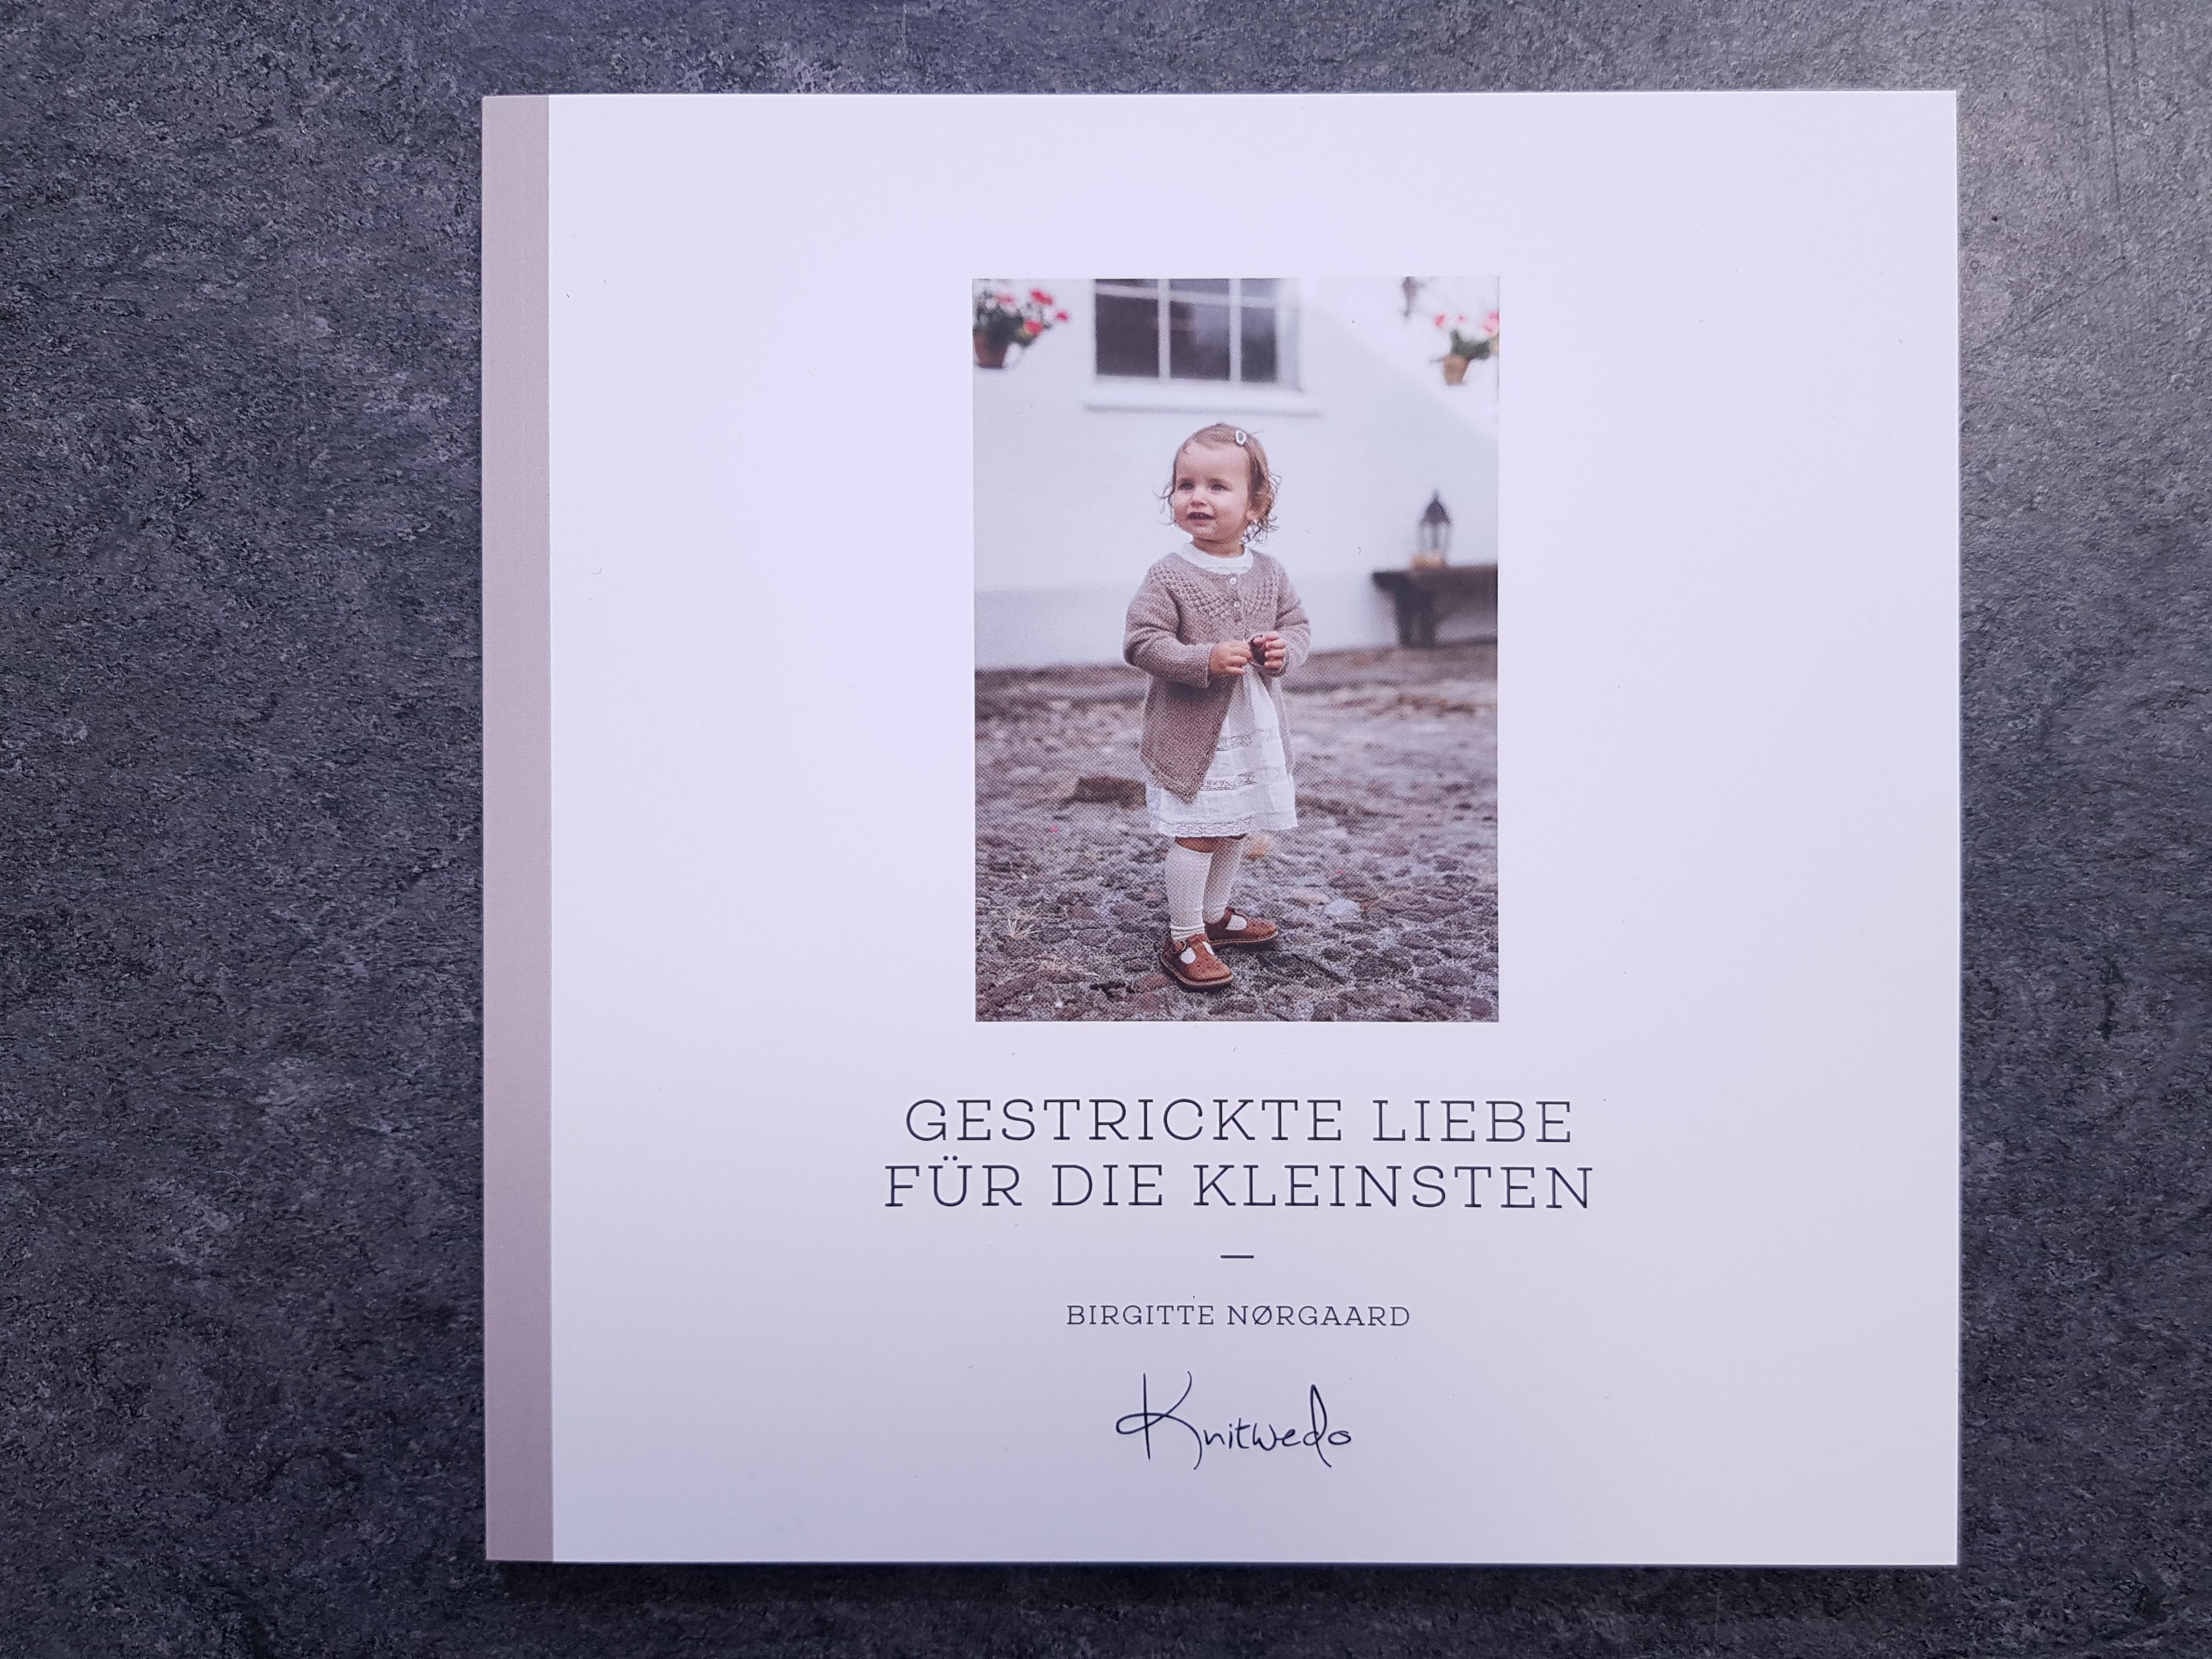 Gestrickte Liebe für die Kleinsten (Brigitte Norgaard)